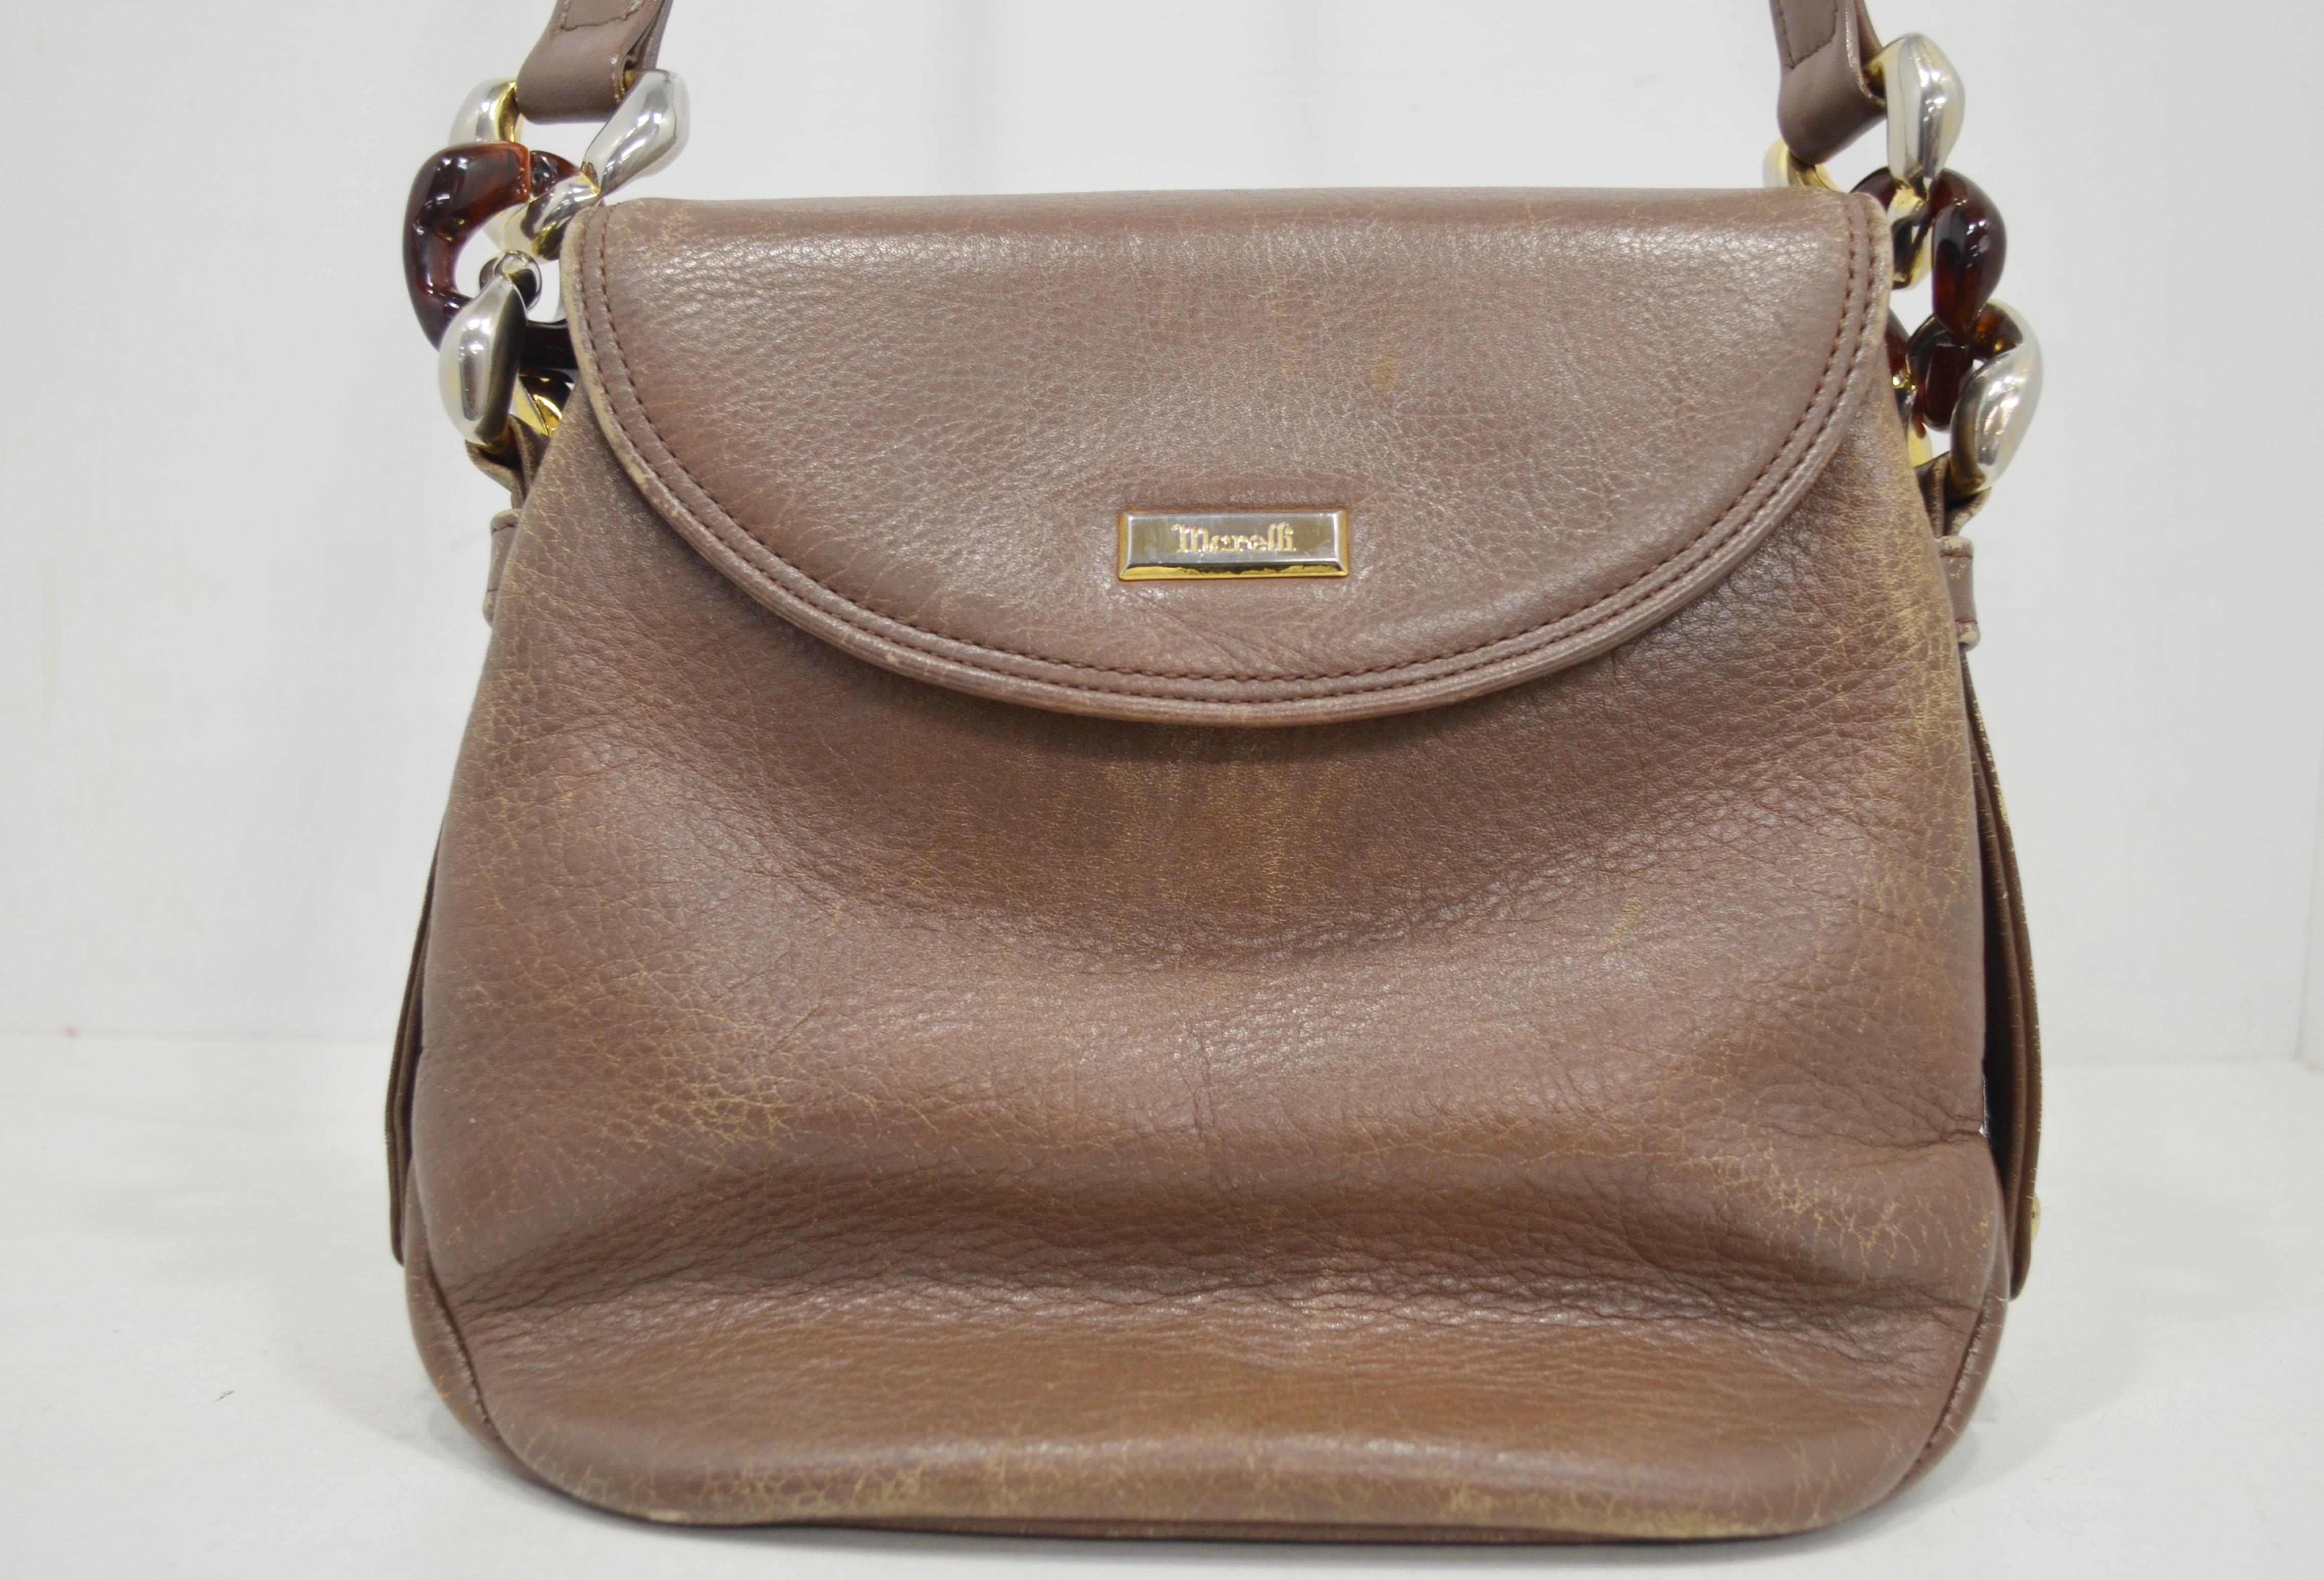 マレリーの鞄・バッグのクリーニング事例正面画像